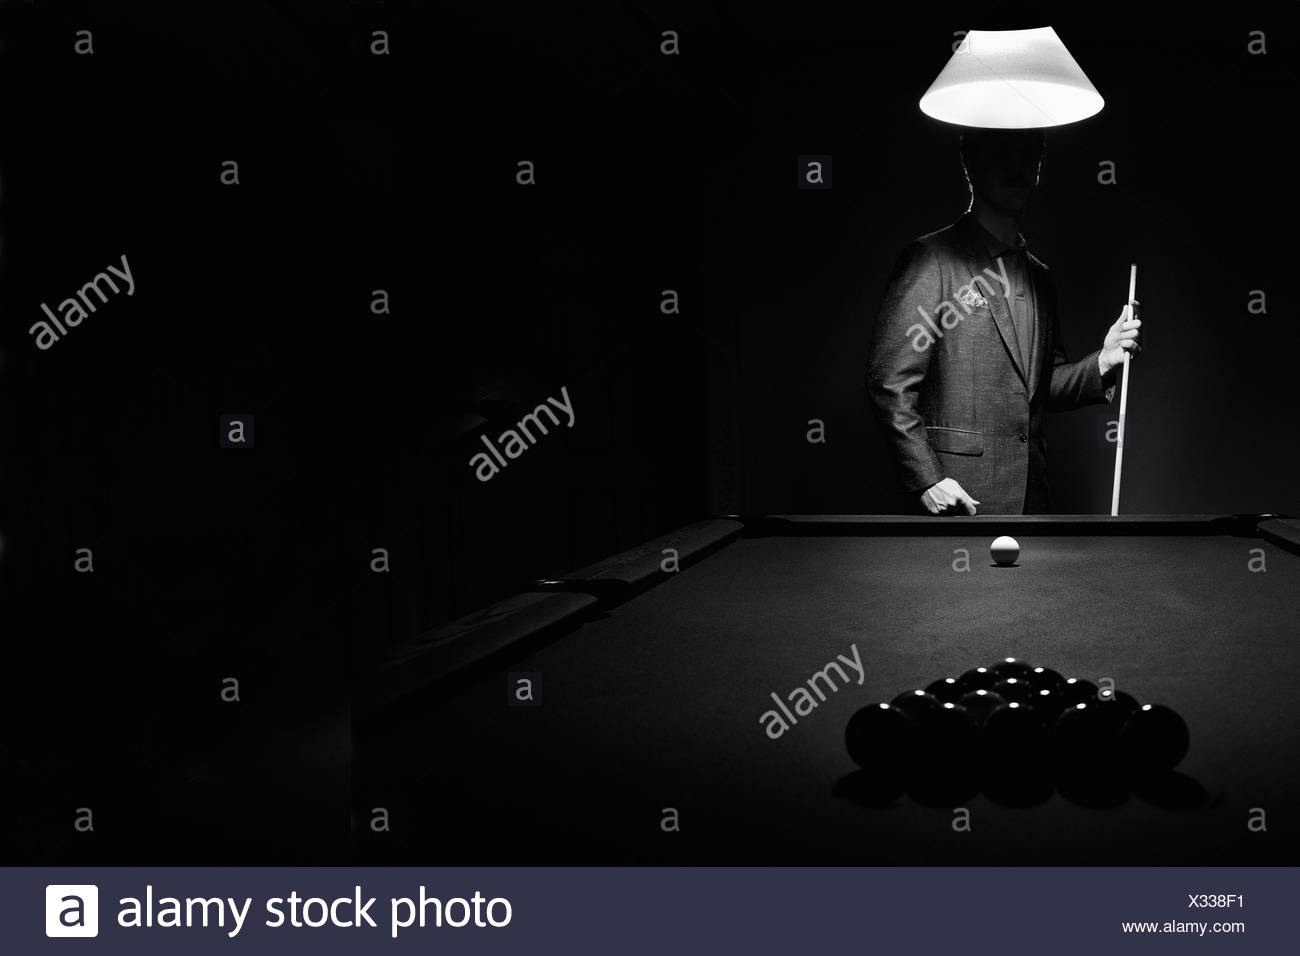 Billardspieler Geheimnis hinter Rack von Billardkugeln Stockfoto